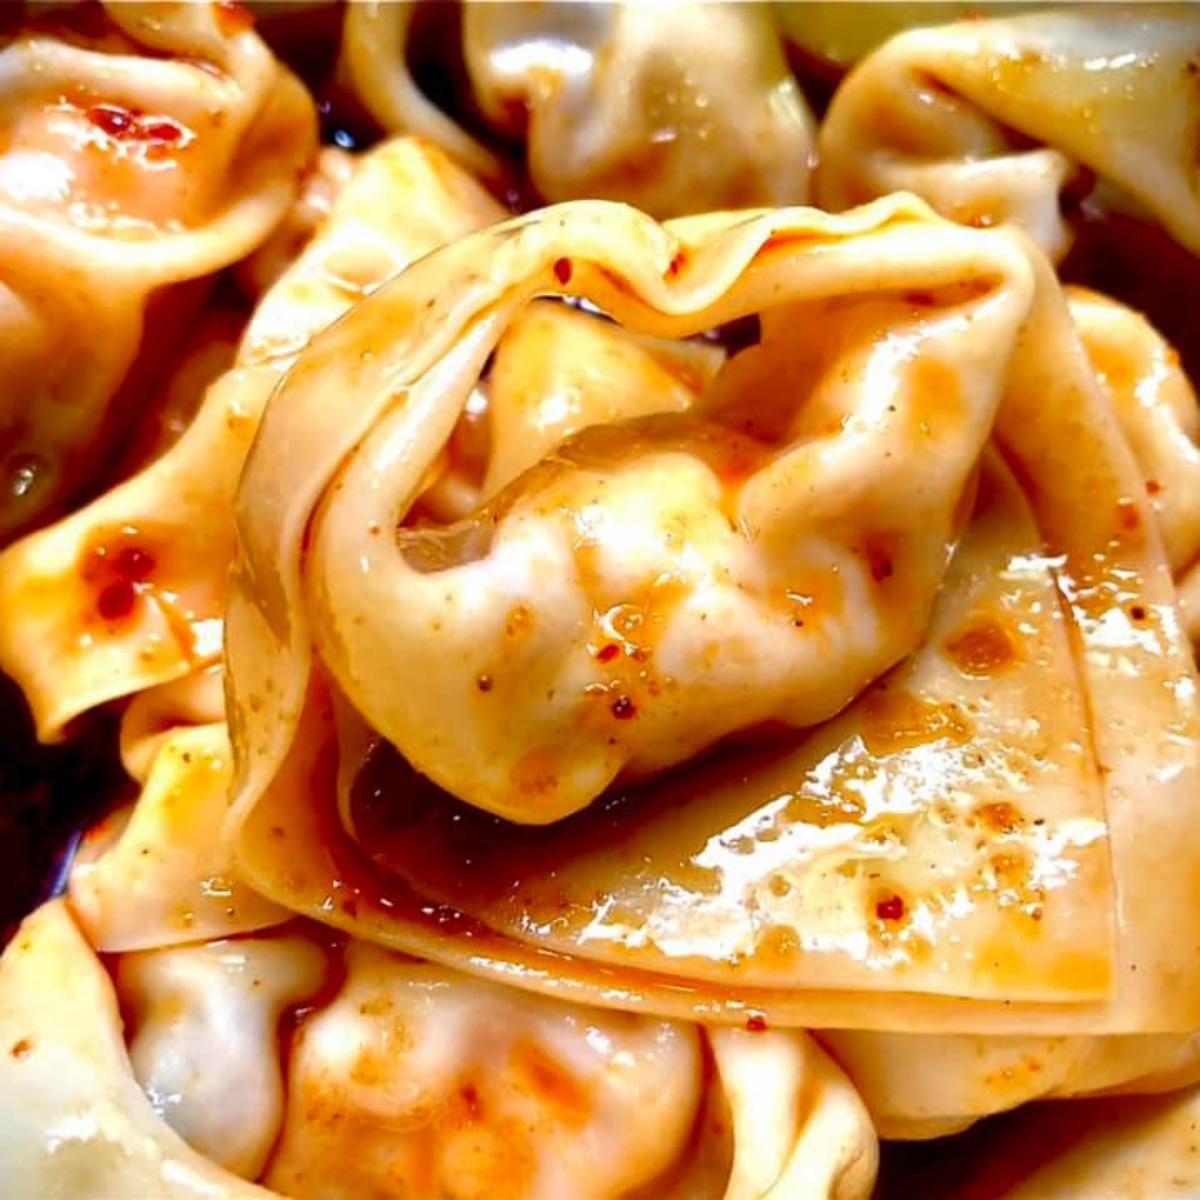 鼎泰豐「蝦肉紅油抄手」好市多就有!特製醬汁微辣開胃,薄透外皮+Q彈鮮蝦超唰嘴